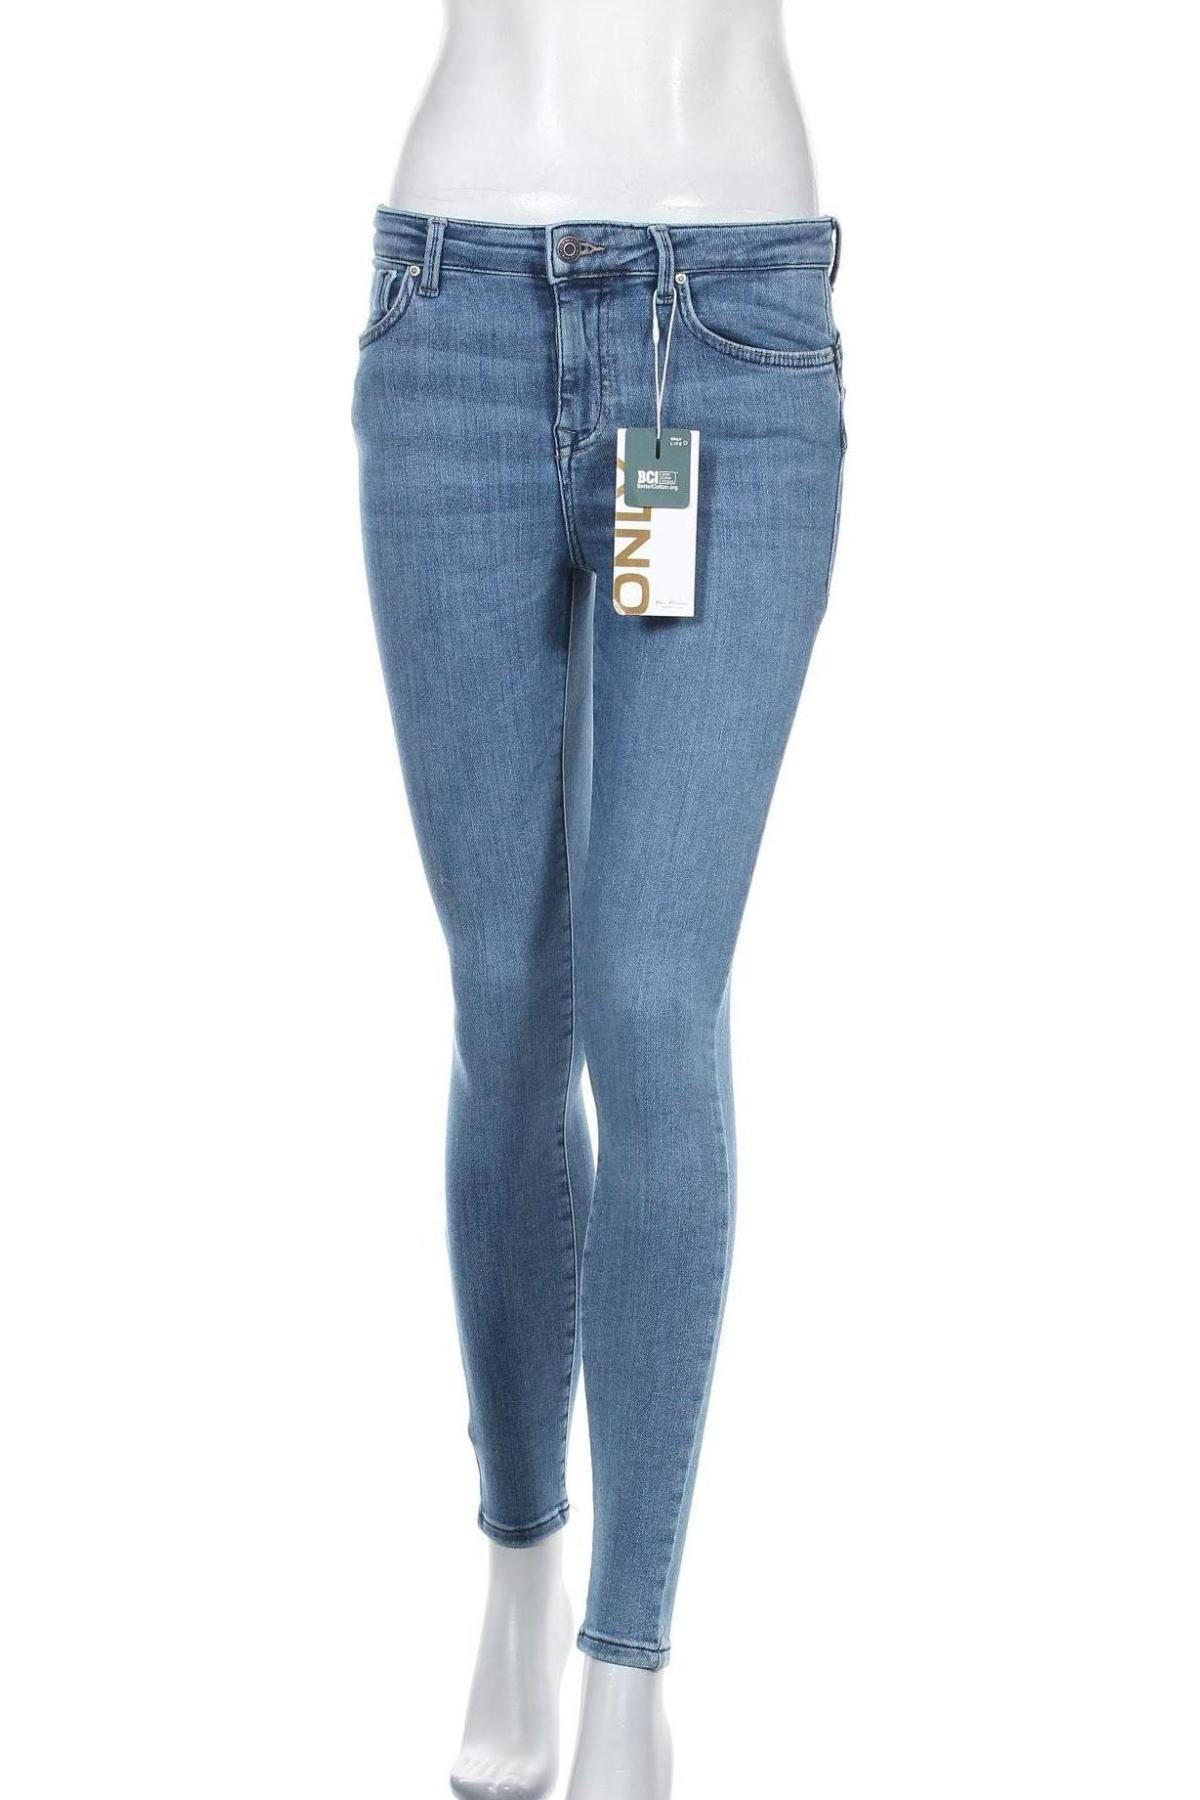 Дамски дънки ONLY, Размер M, Цвят Син, 92% памук, 6% полиестер, 2% еластан, Цена 51,75лв.